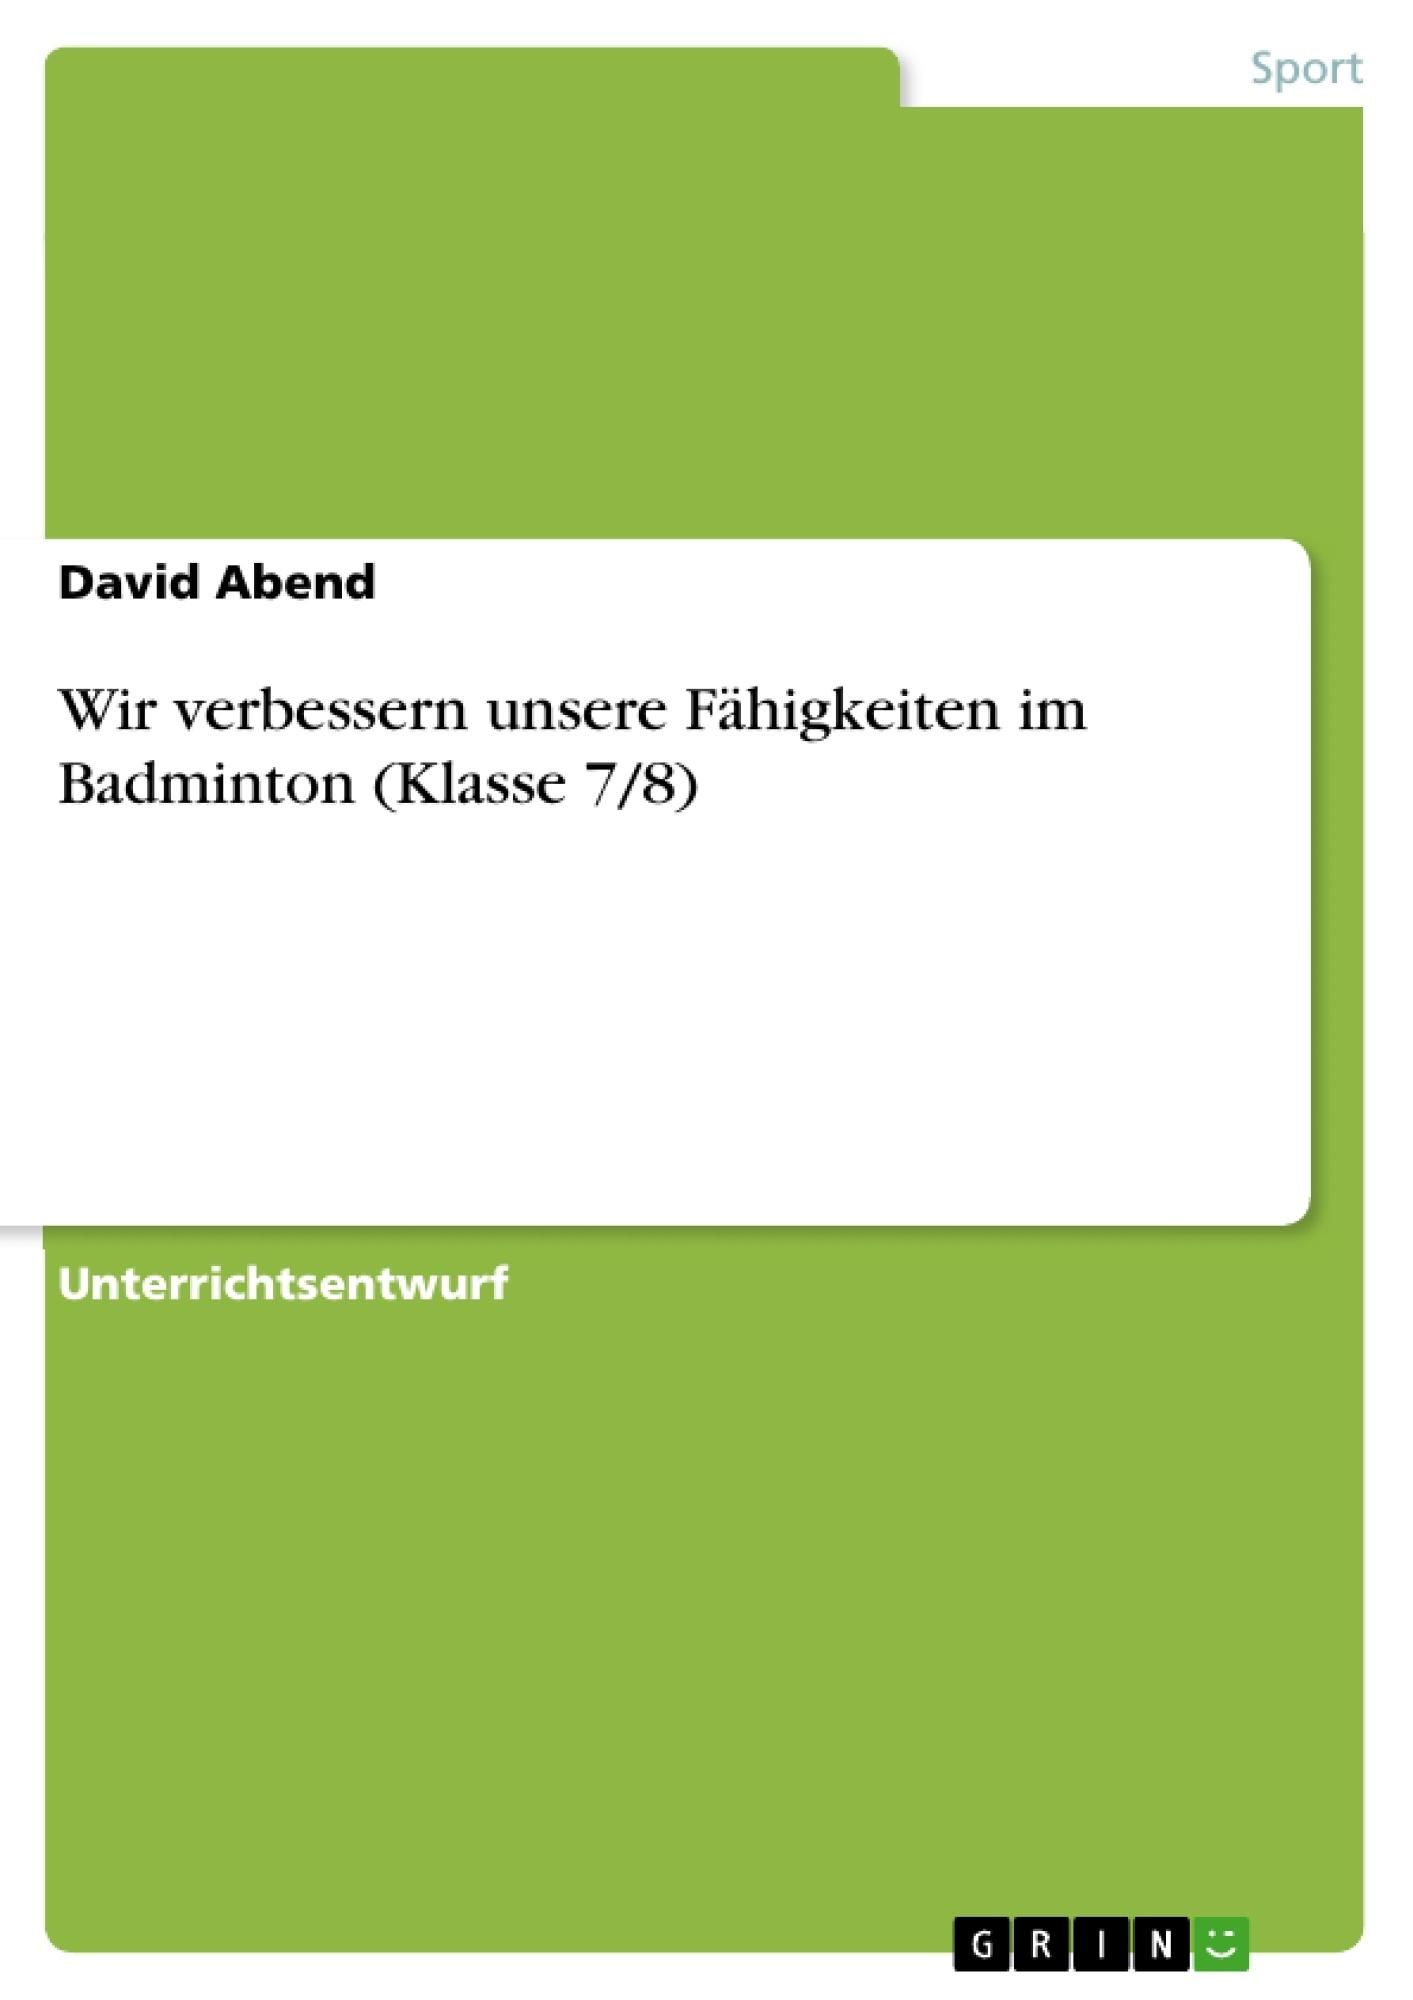 Titel: Wir verbessern unsere Fähigkeiten im Badminton (Klasse 7/8)